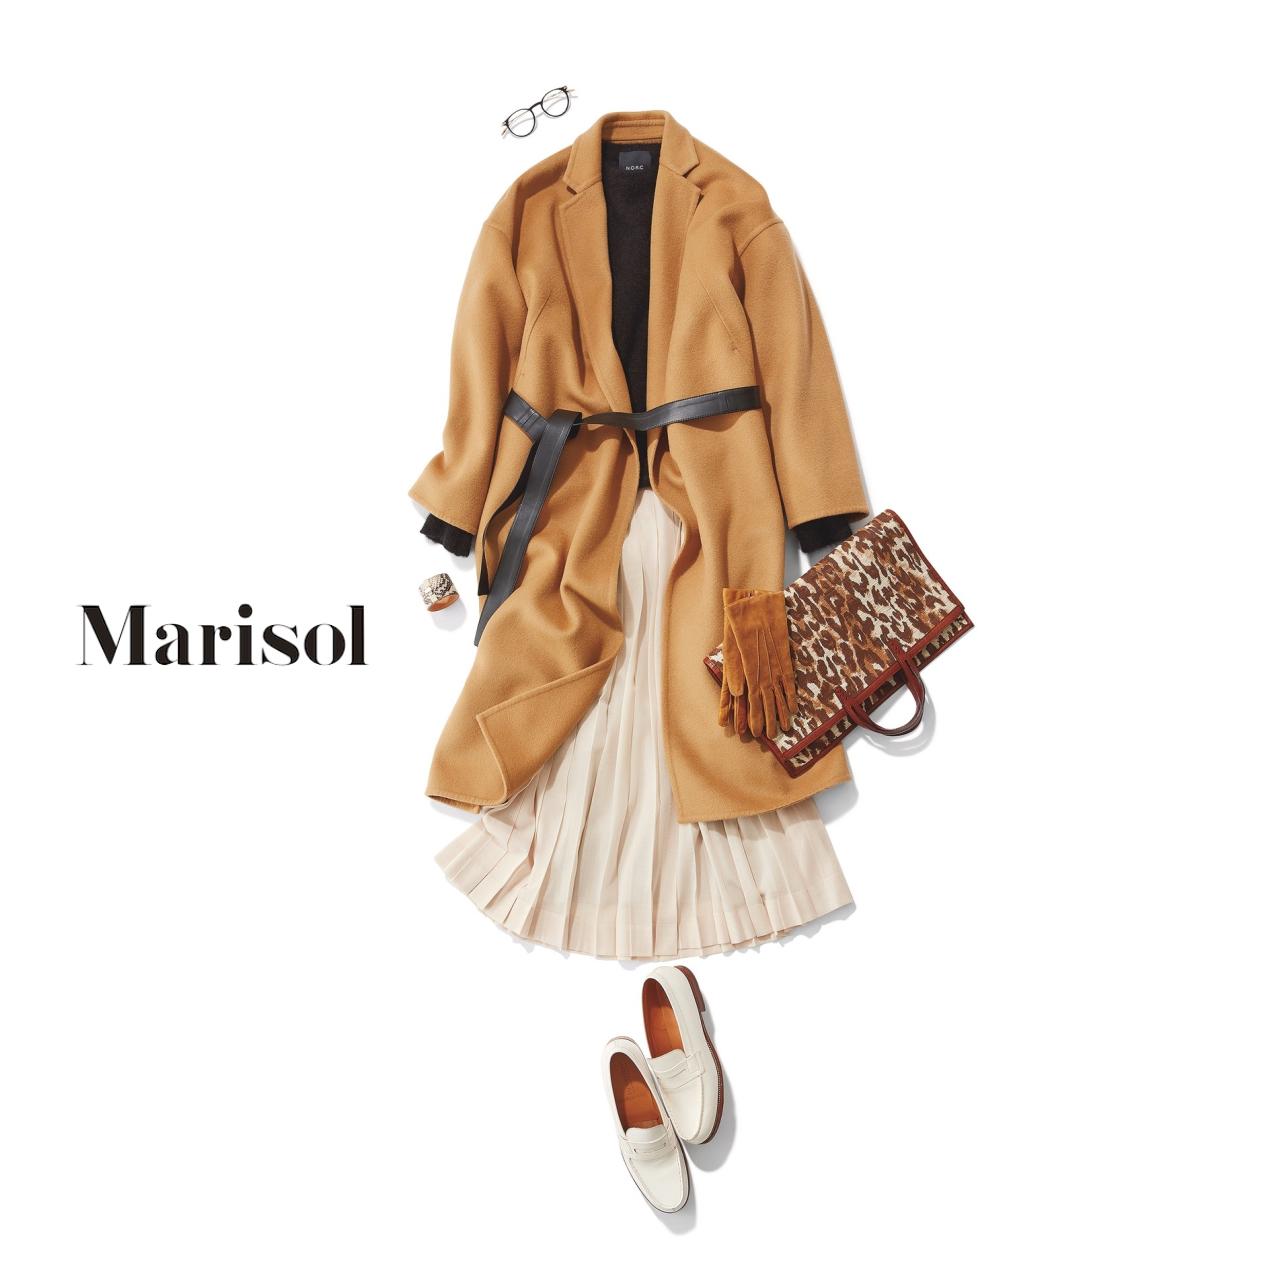 40代ファッション キャメルコート×黒ニット×白プリーツスカートコーデ